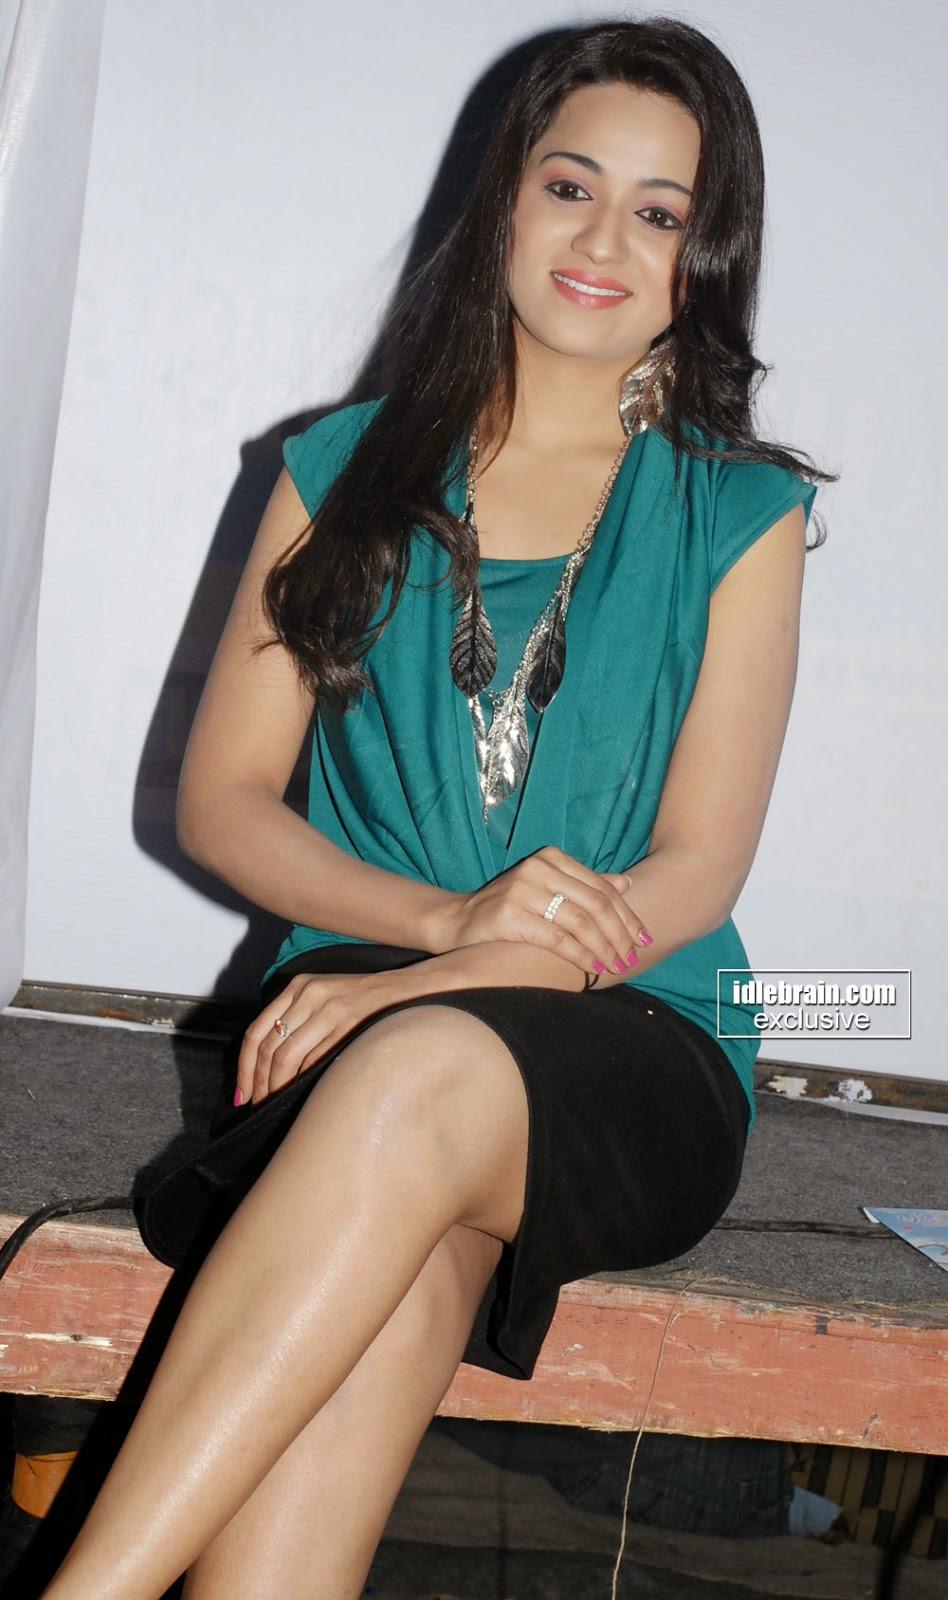 reshma short skirt